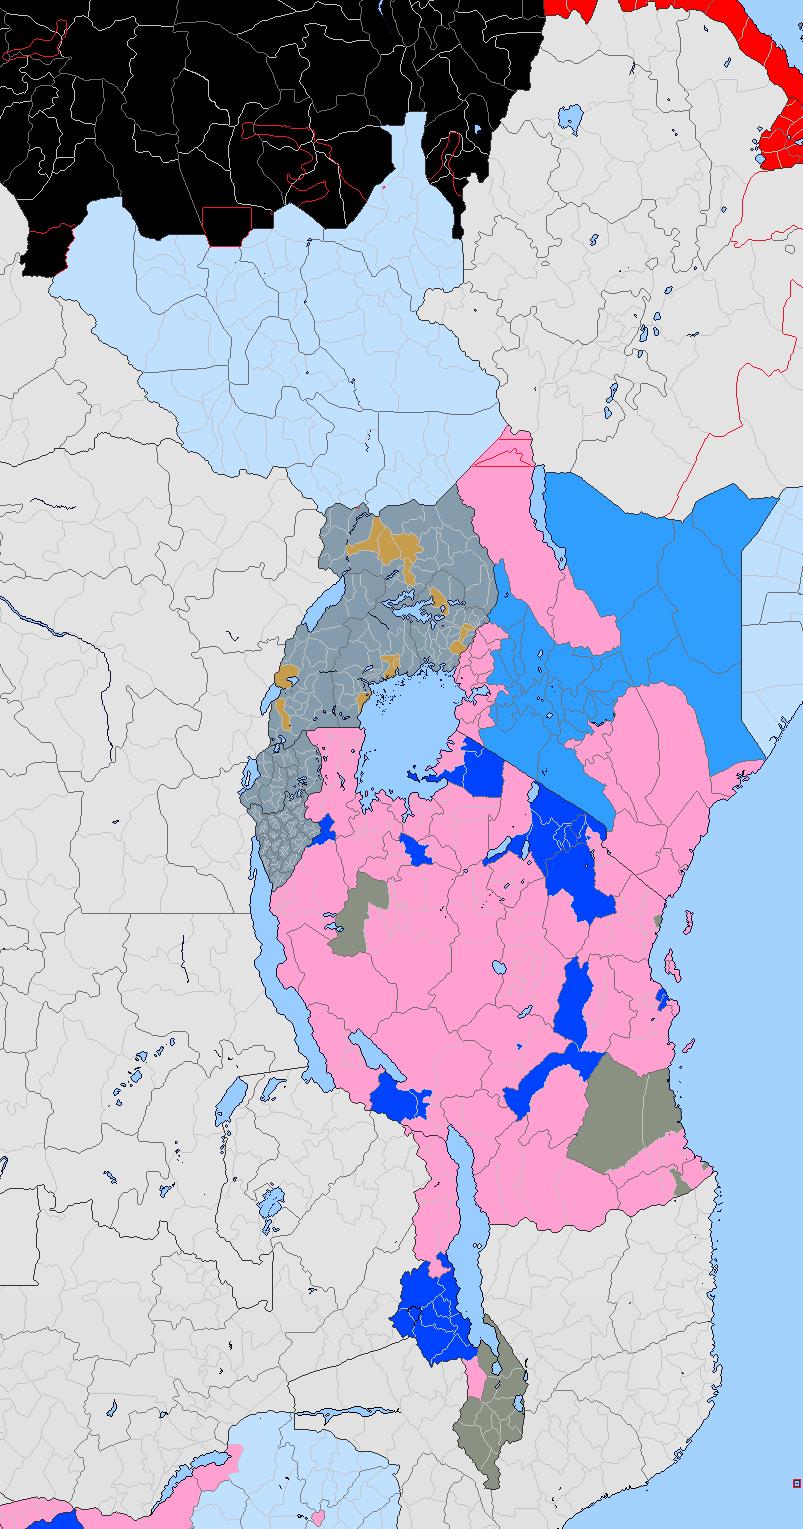 south sudan uganda rwanda burundi kenya tanzania malawi.png